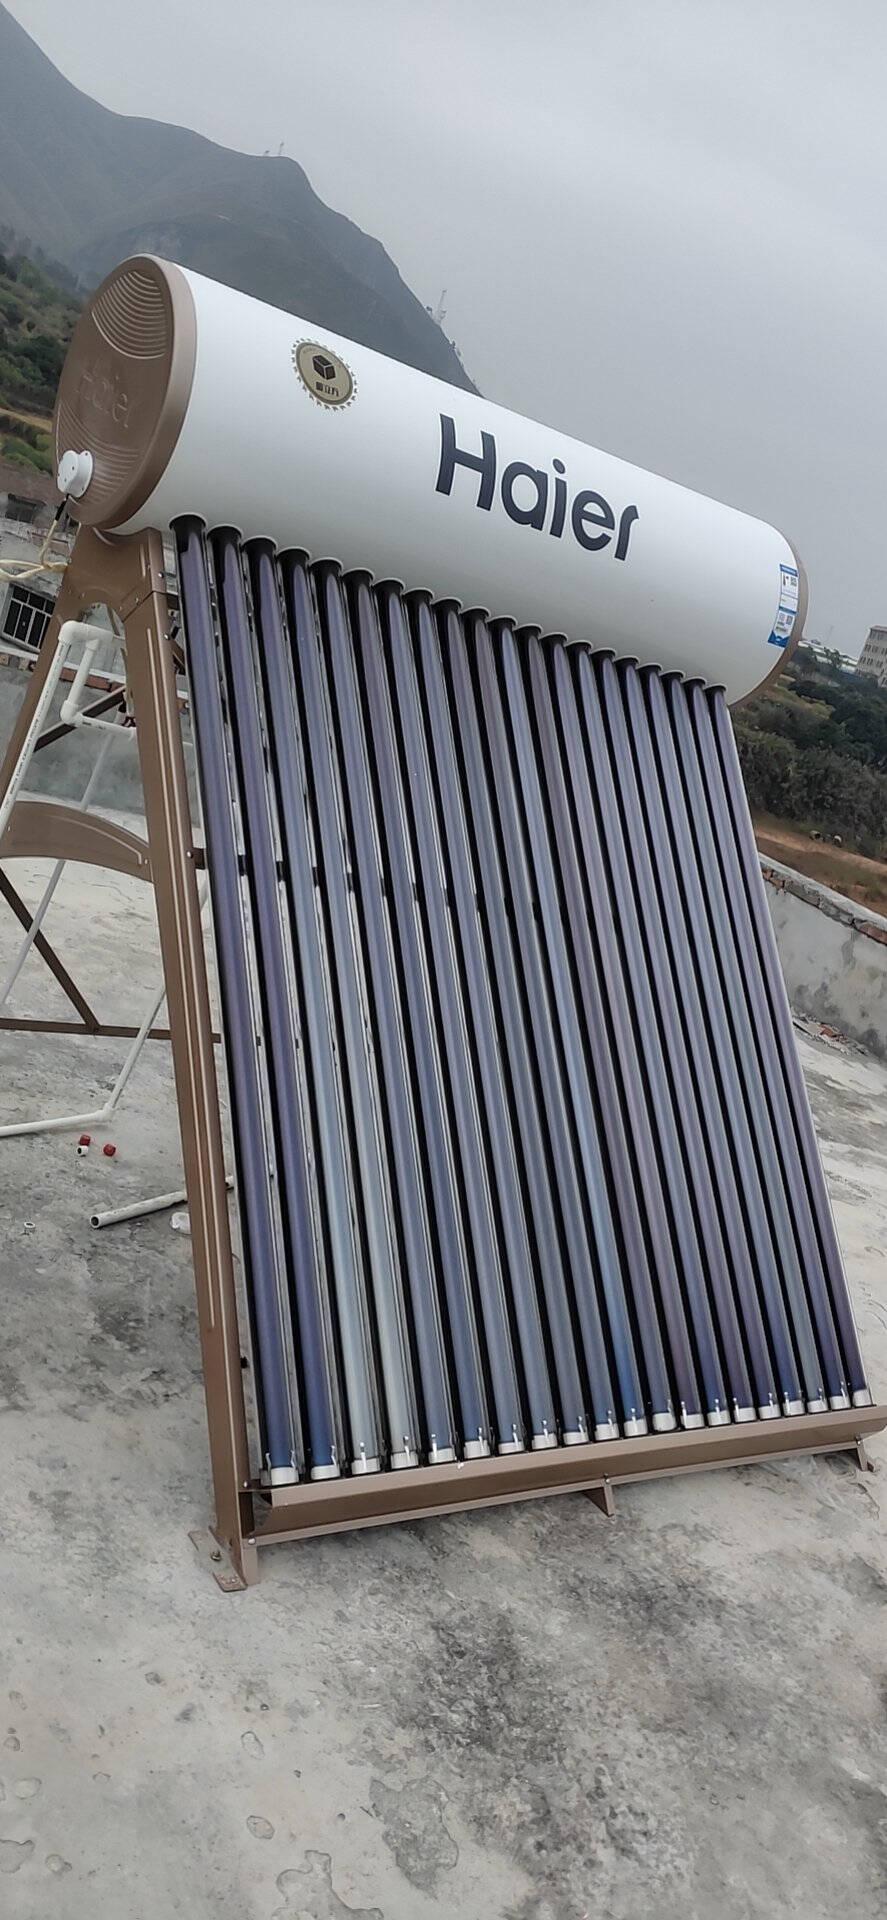 海尔(Haier)太阳能热水器家用光电两用一级能效节能自动上水水箱防冻水位水温双显示电辅助加热高配版L6系列24支管-175升(适用3-9人)